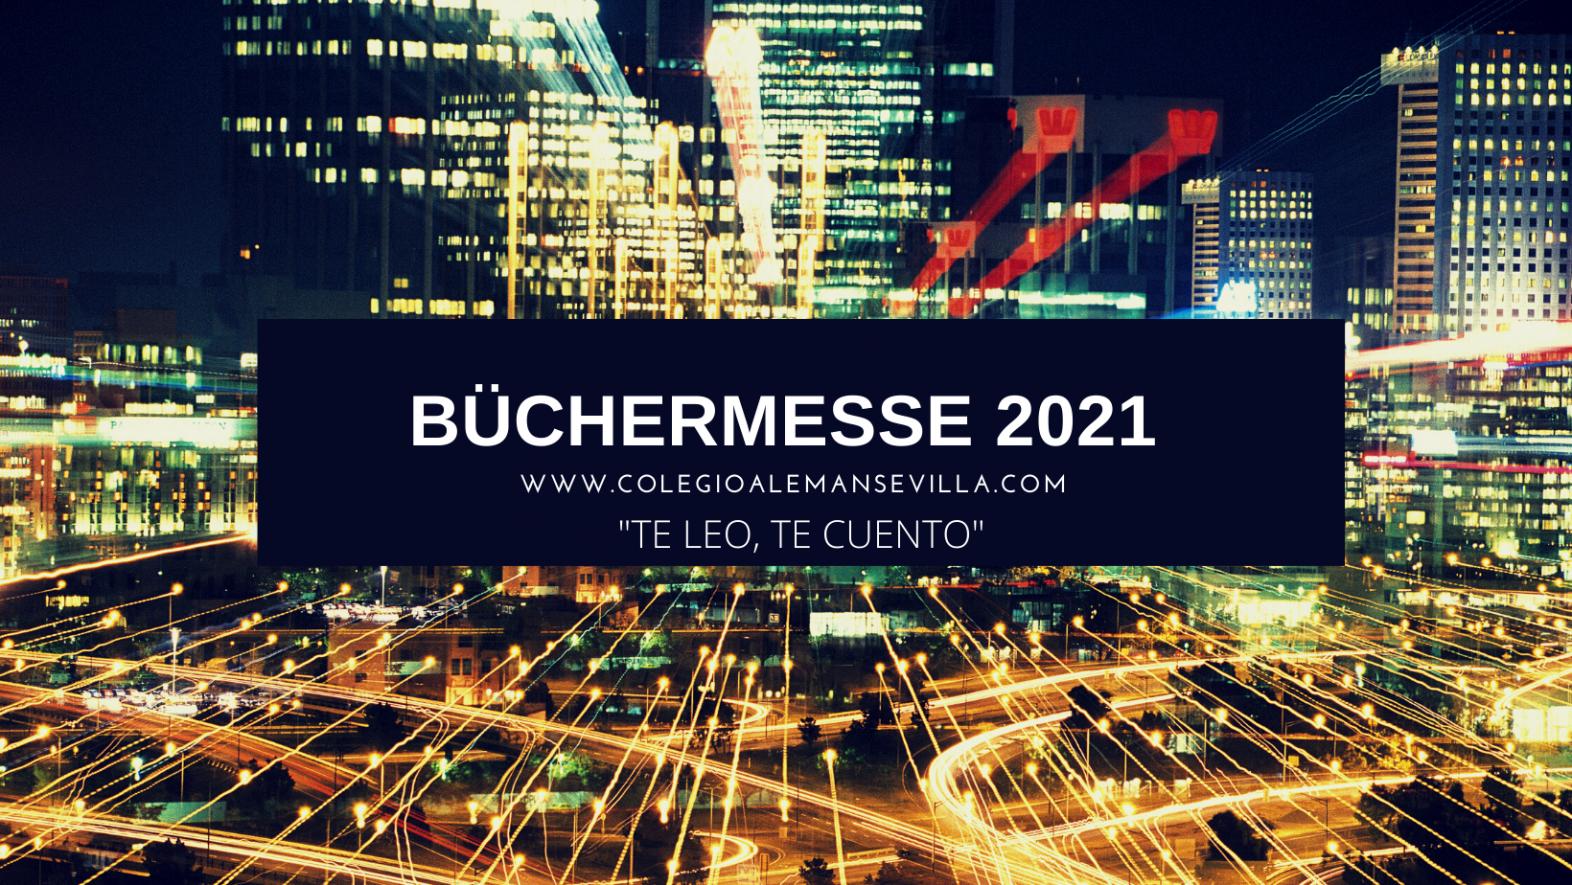 Büchermesse 2021